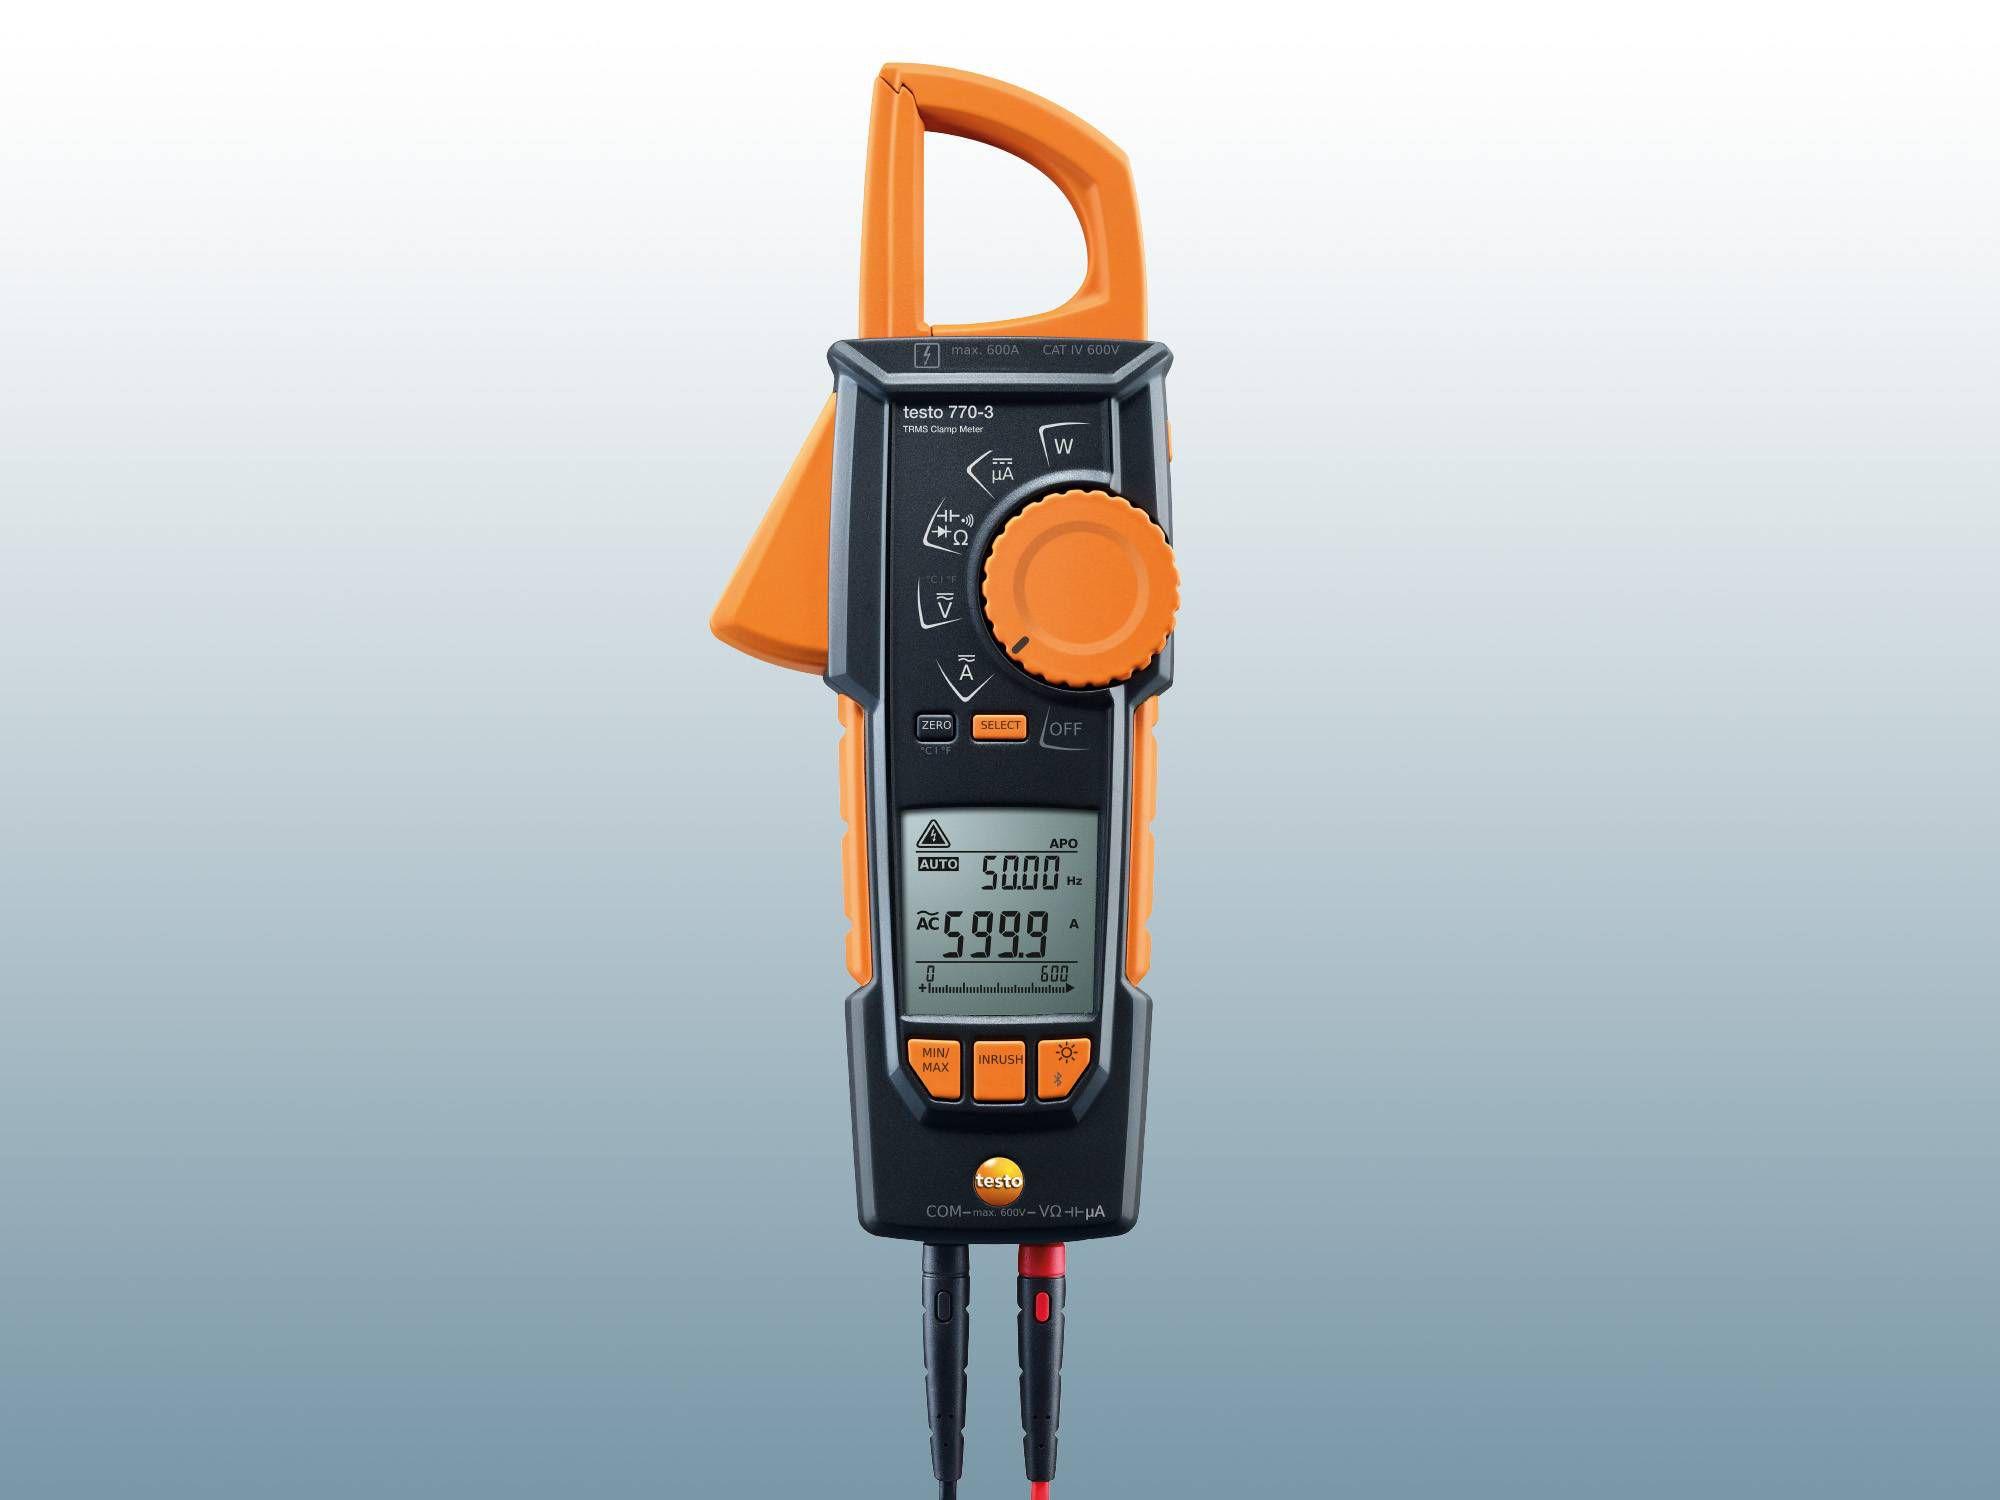 Pens ampermetre testo 770-3